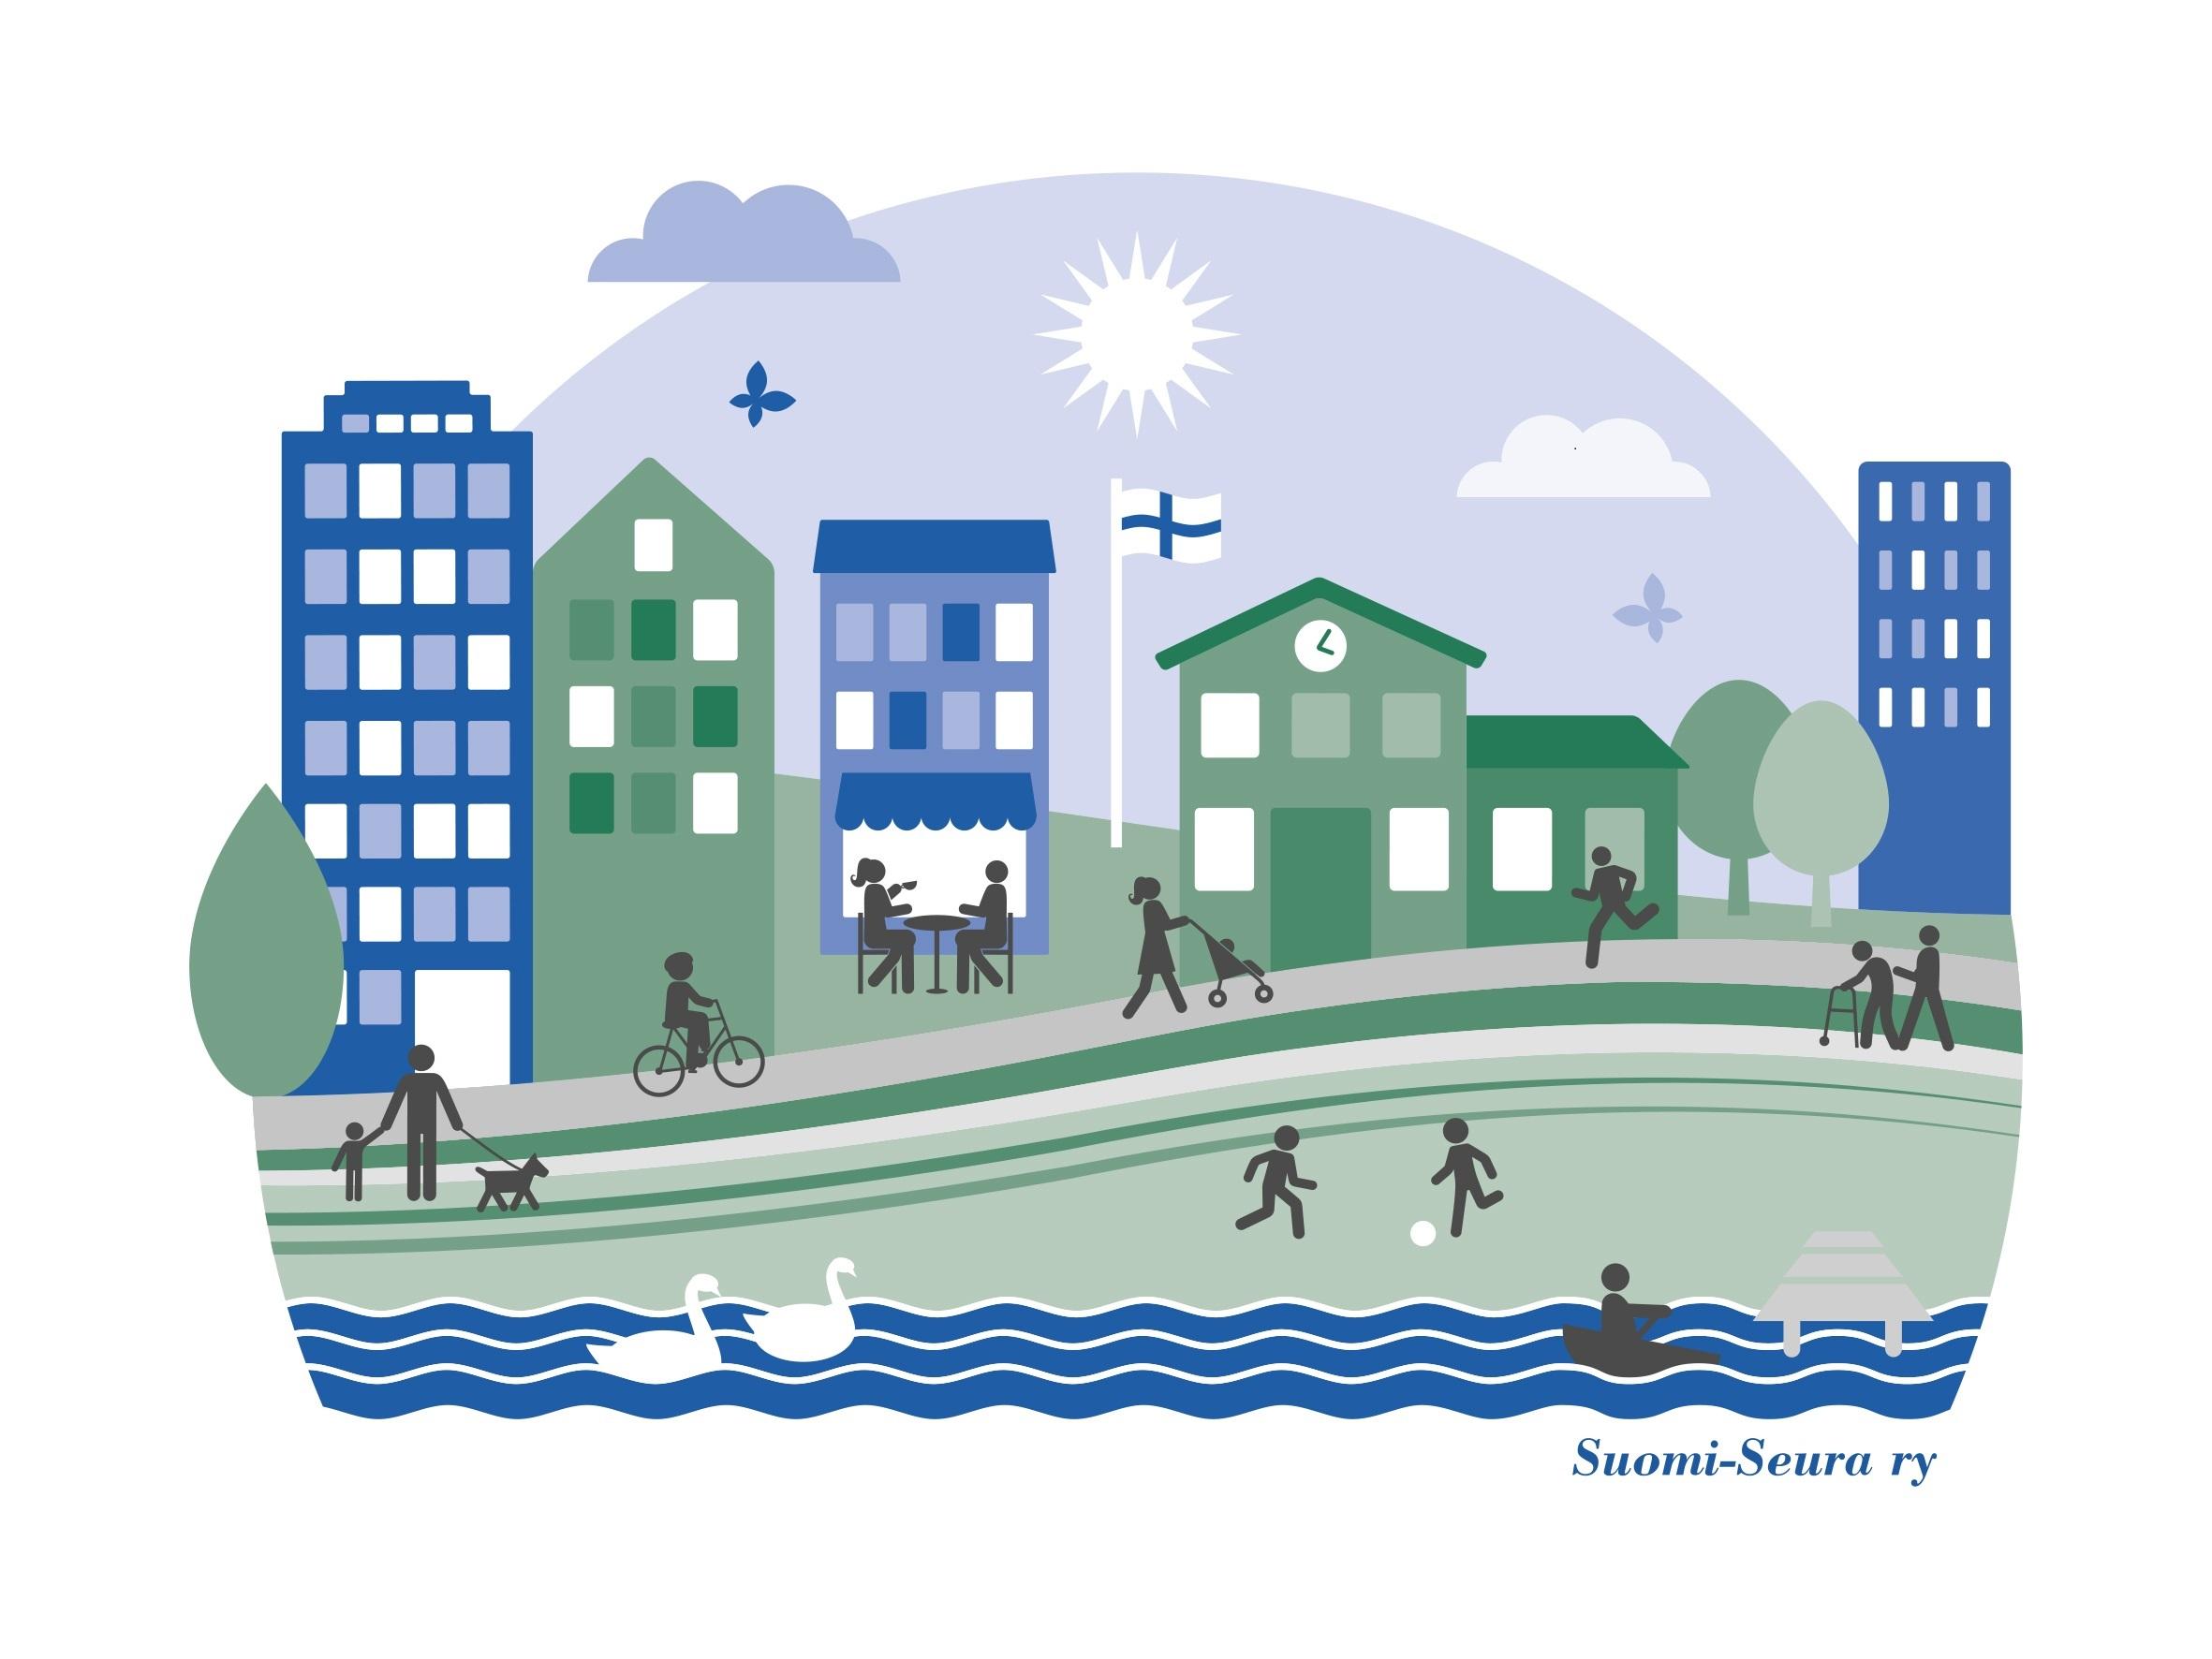 Suomi-kyla-logo_rgb29018.jpg